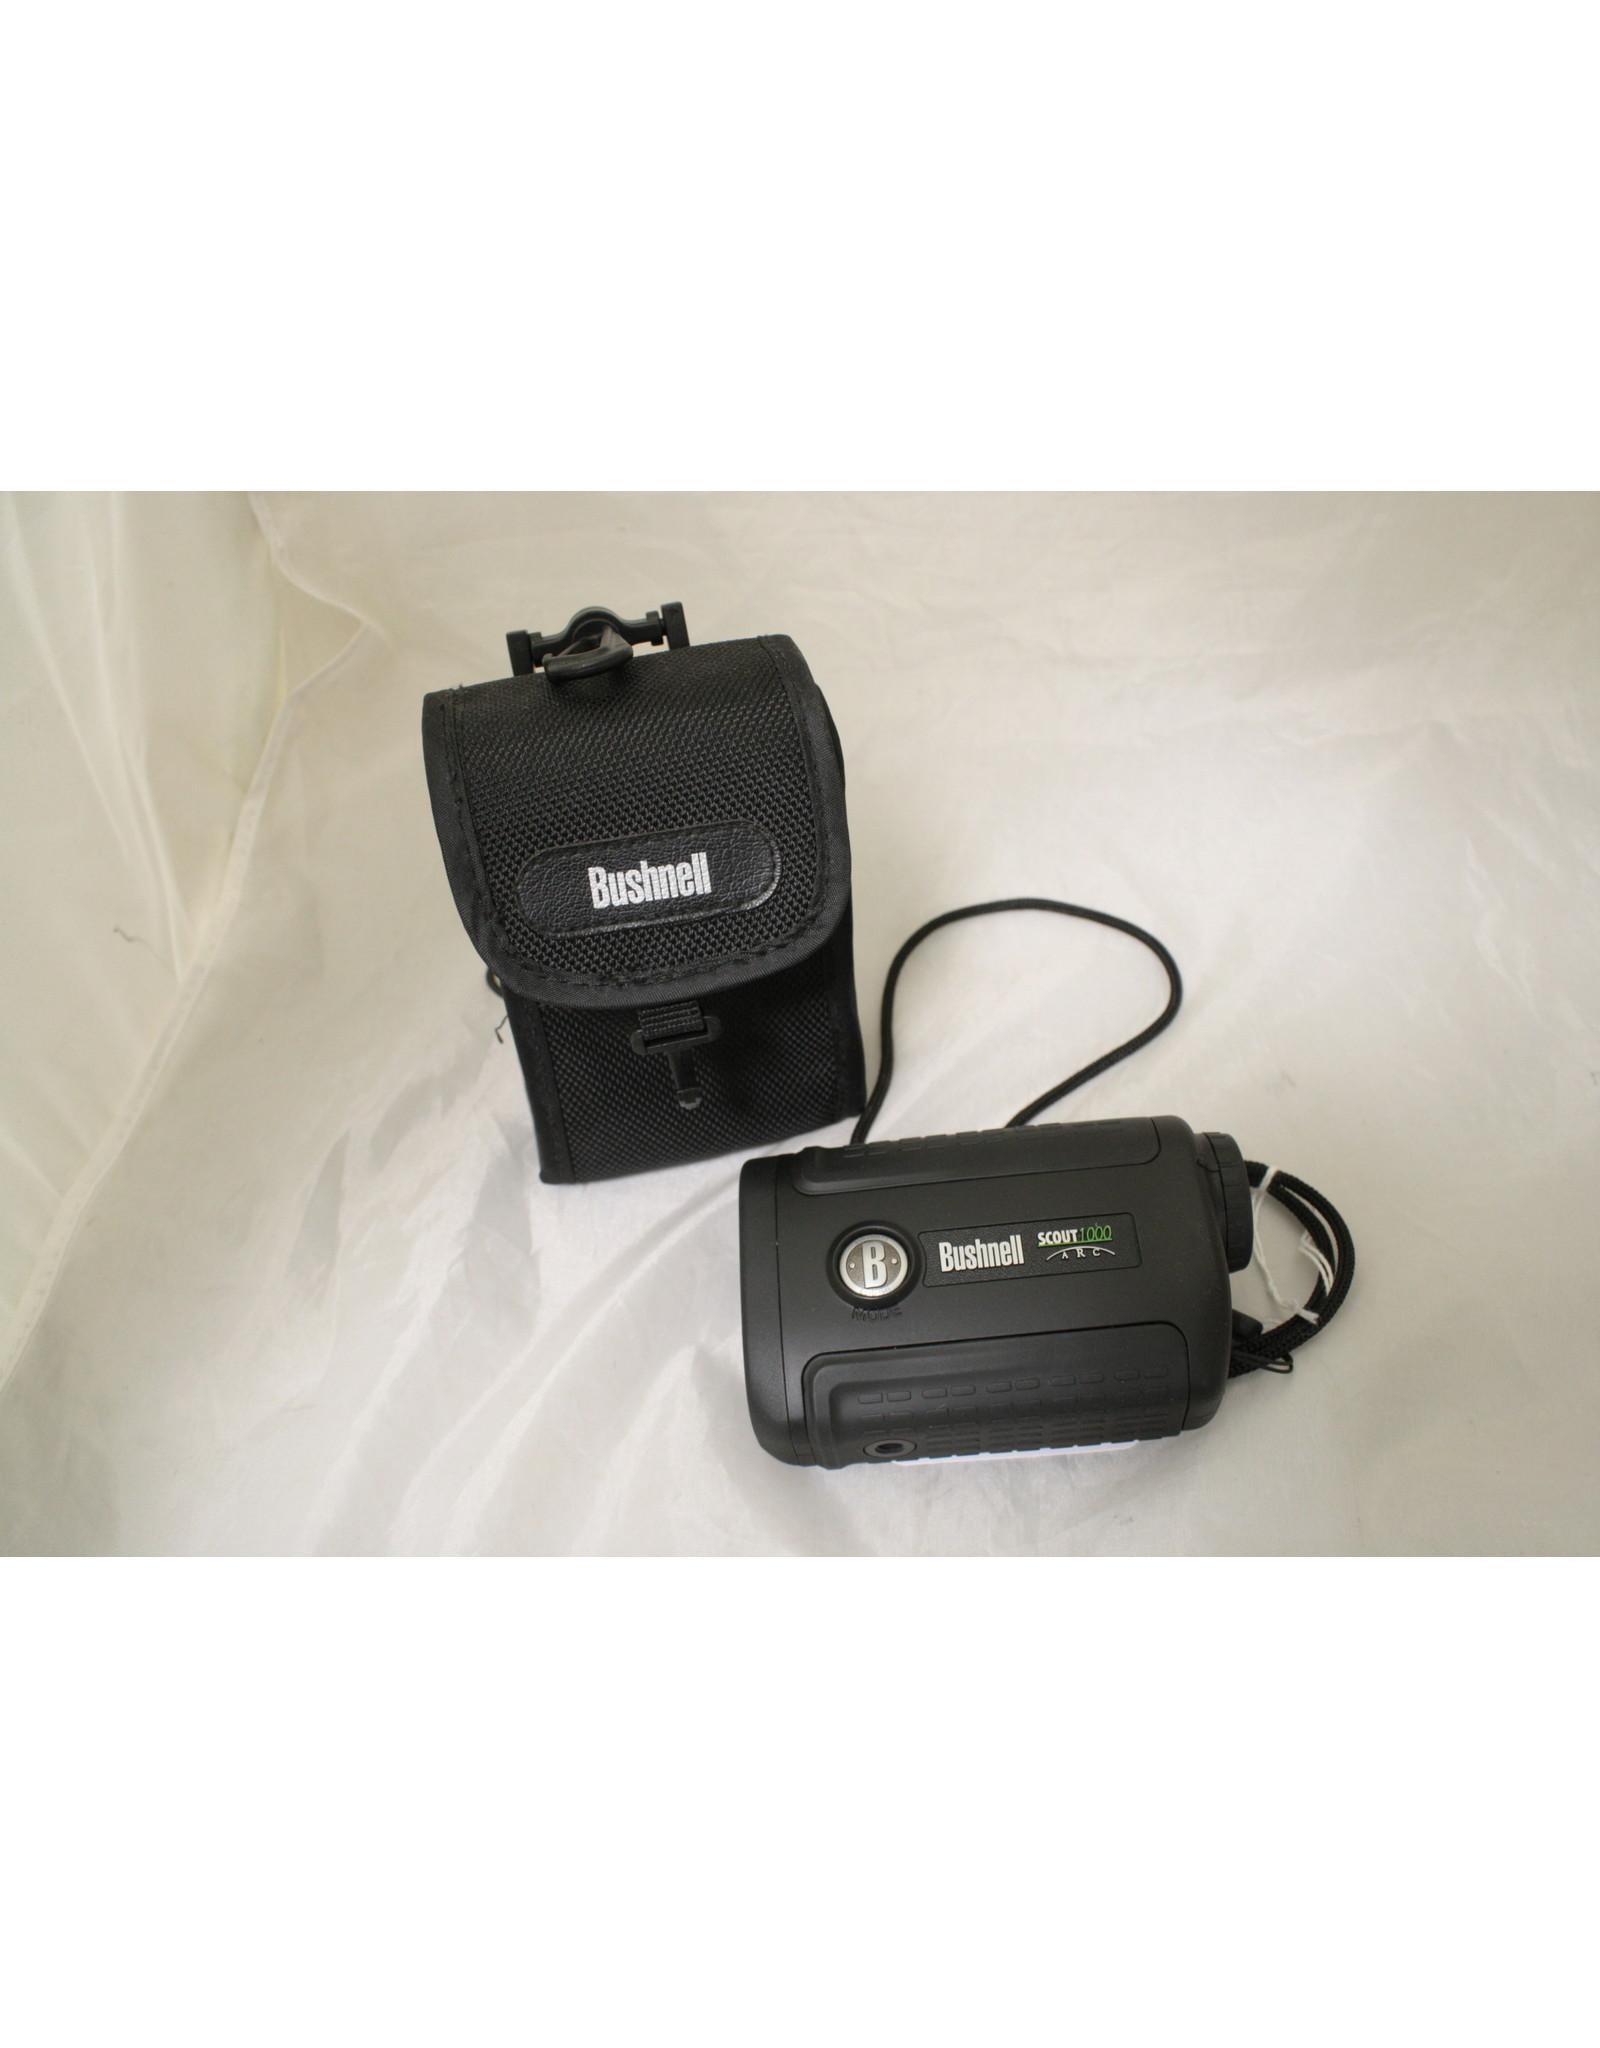 Bushnell Bushnell Scout DX 1000 ARC 6x Magnification 1000 Yard Laser Rangefinder, Black (DISPLAY-NO BOX)